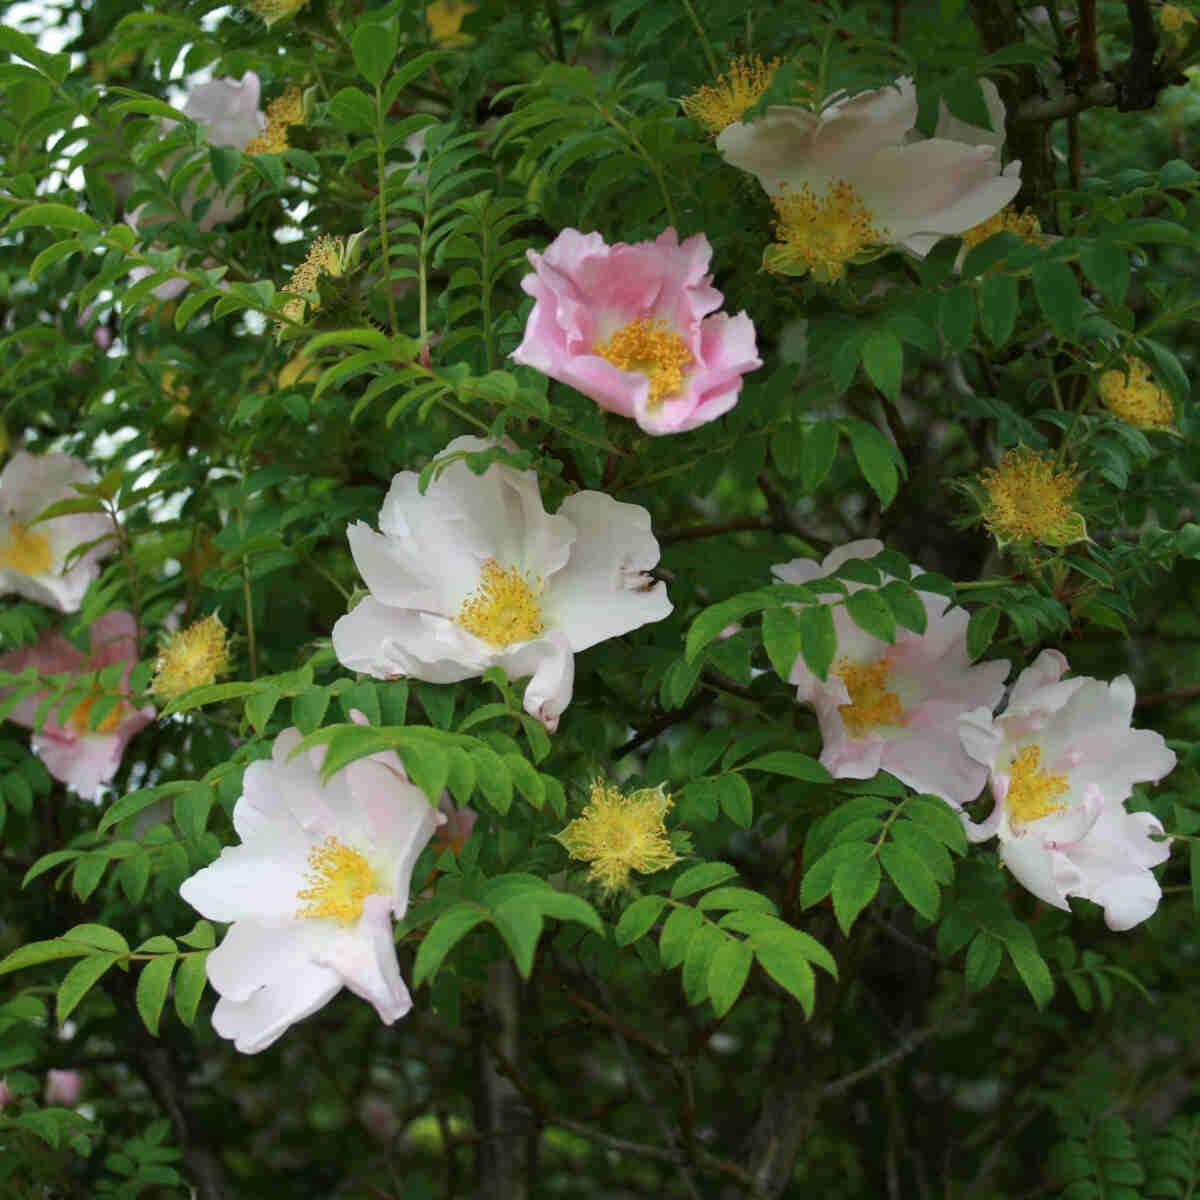 Pindsvinerose - Kastanjerose - Rosa roxburghii